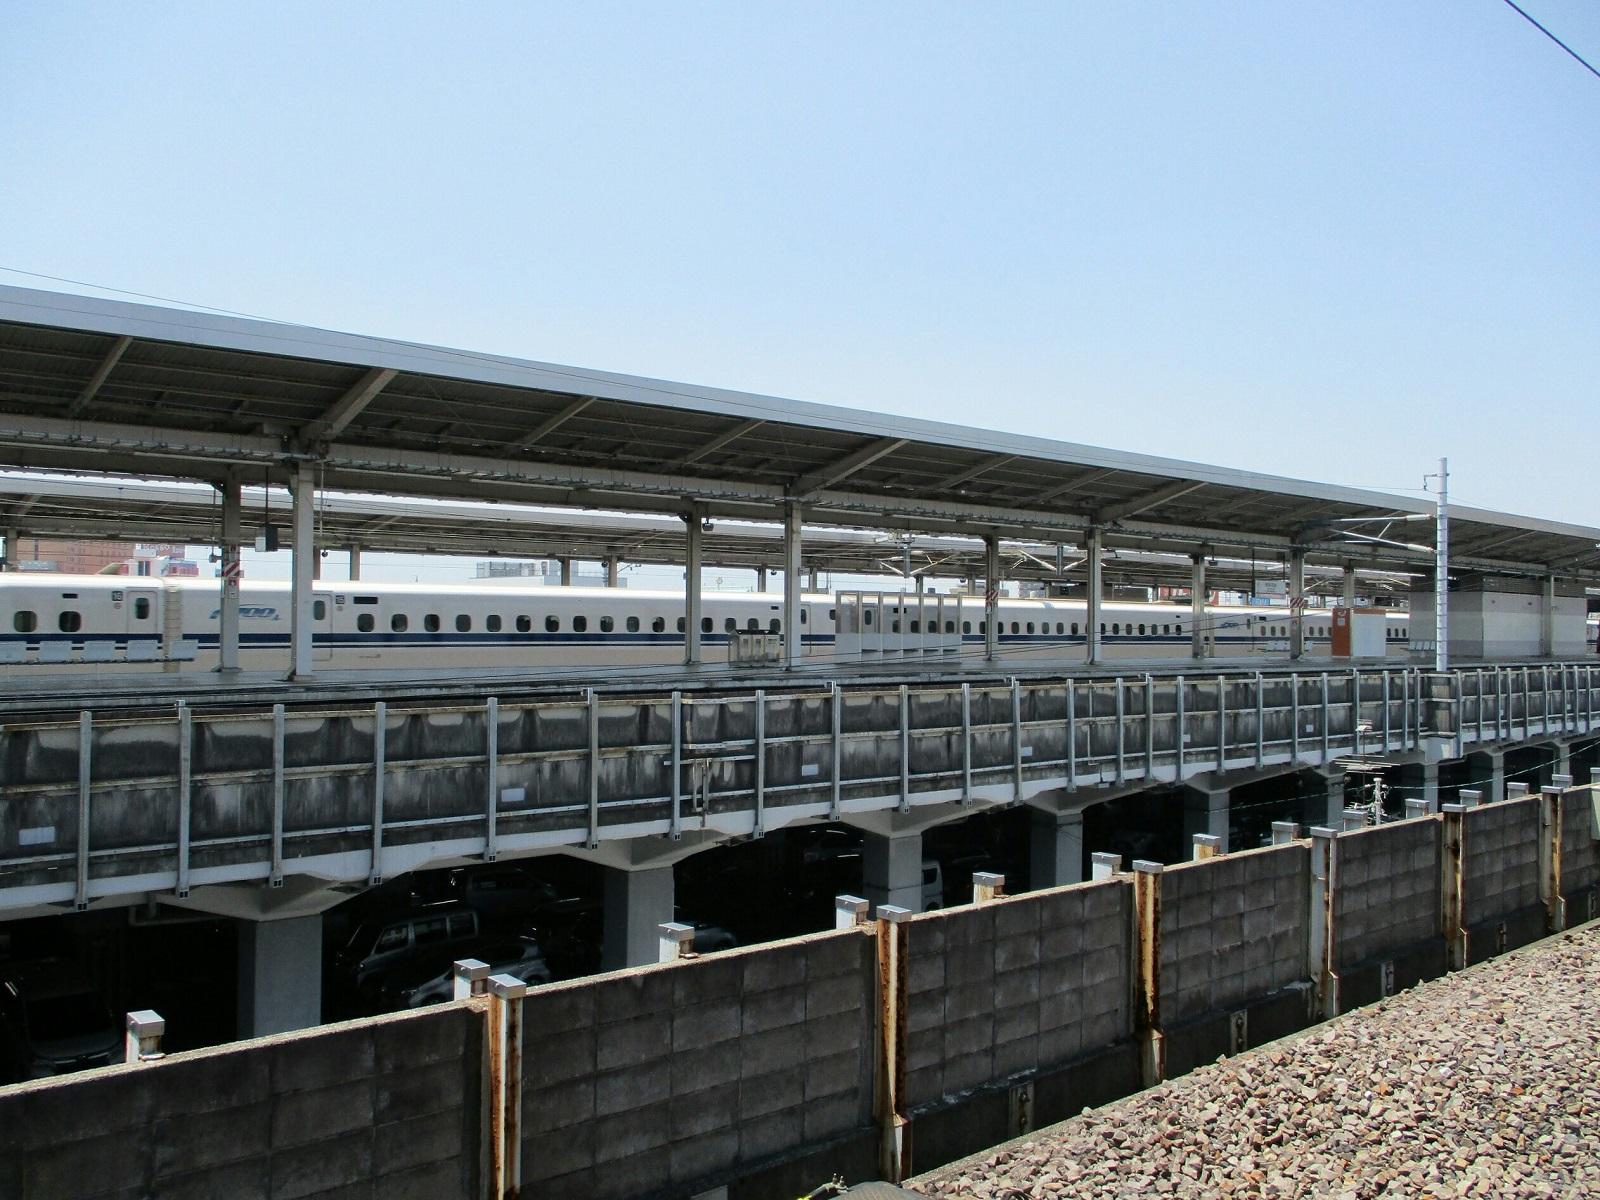 2018.7.18 (94) 新羽島 - ひがしいき新幹線電車 1600-1200